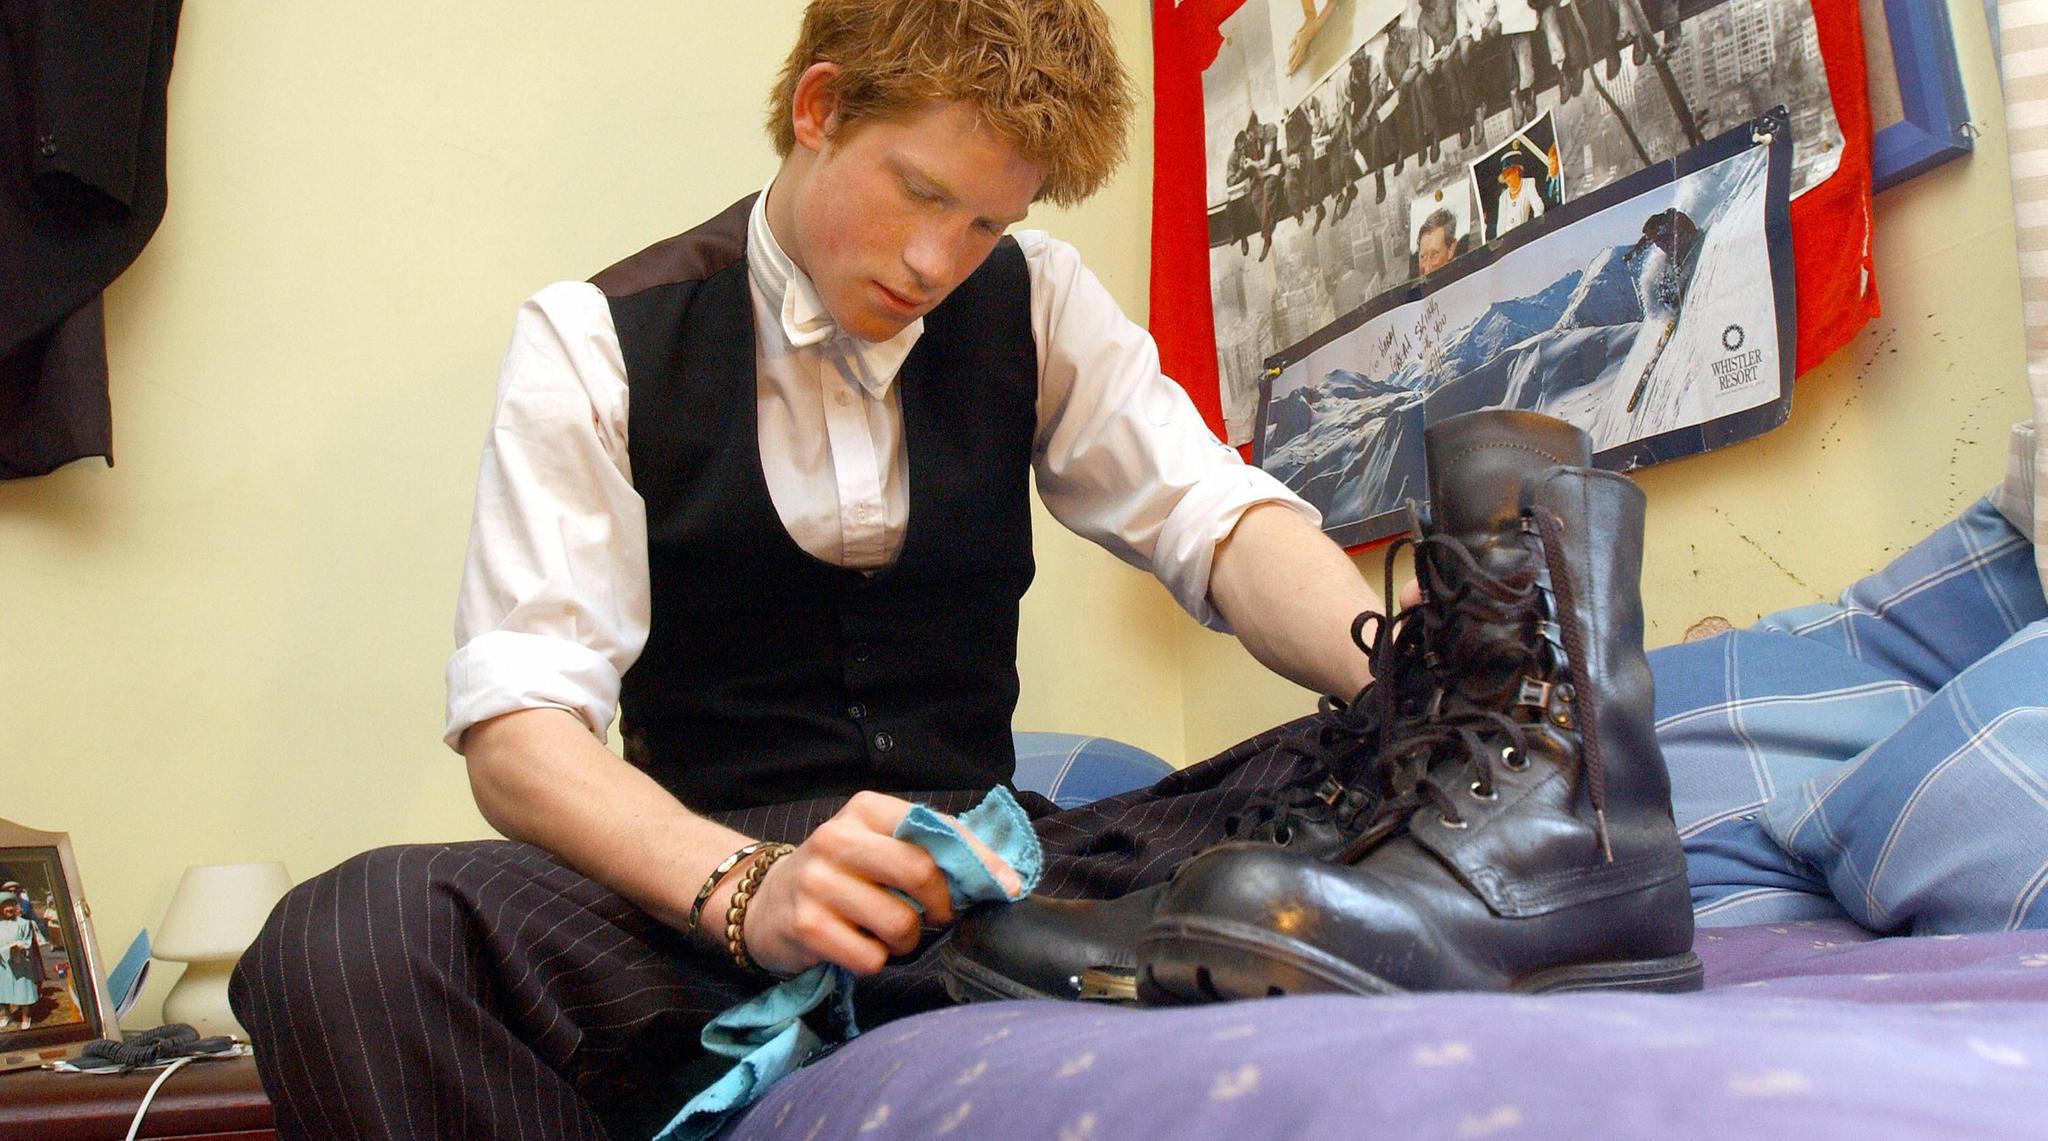 """Harry muss wie alle anderen auch auf seine Sachen Acht geben. """"Beobachtet"""" wird er dabei von seinen Eltern, Prinz Charlesund Prinzessin Diana."""